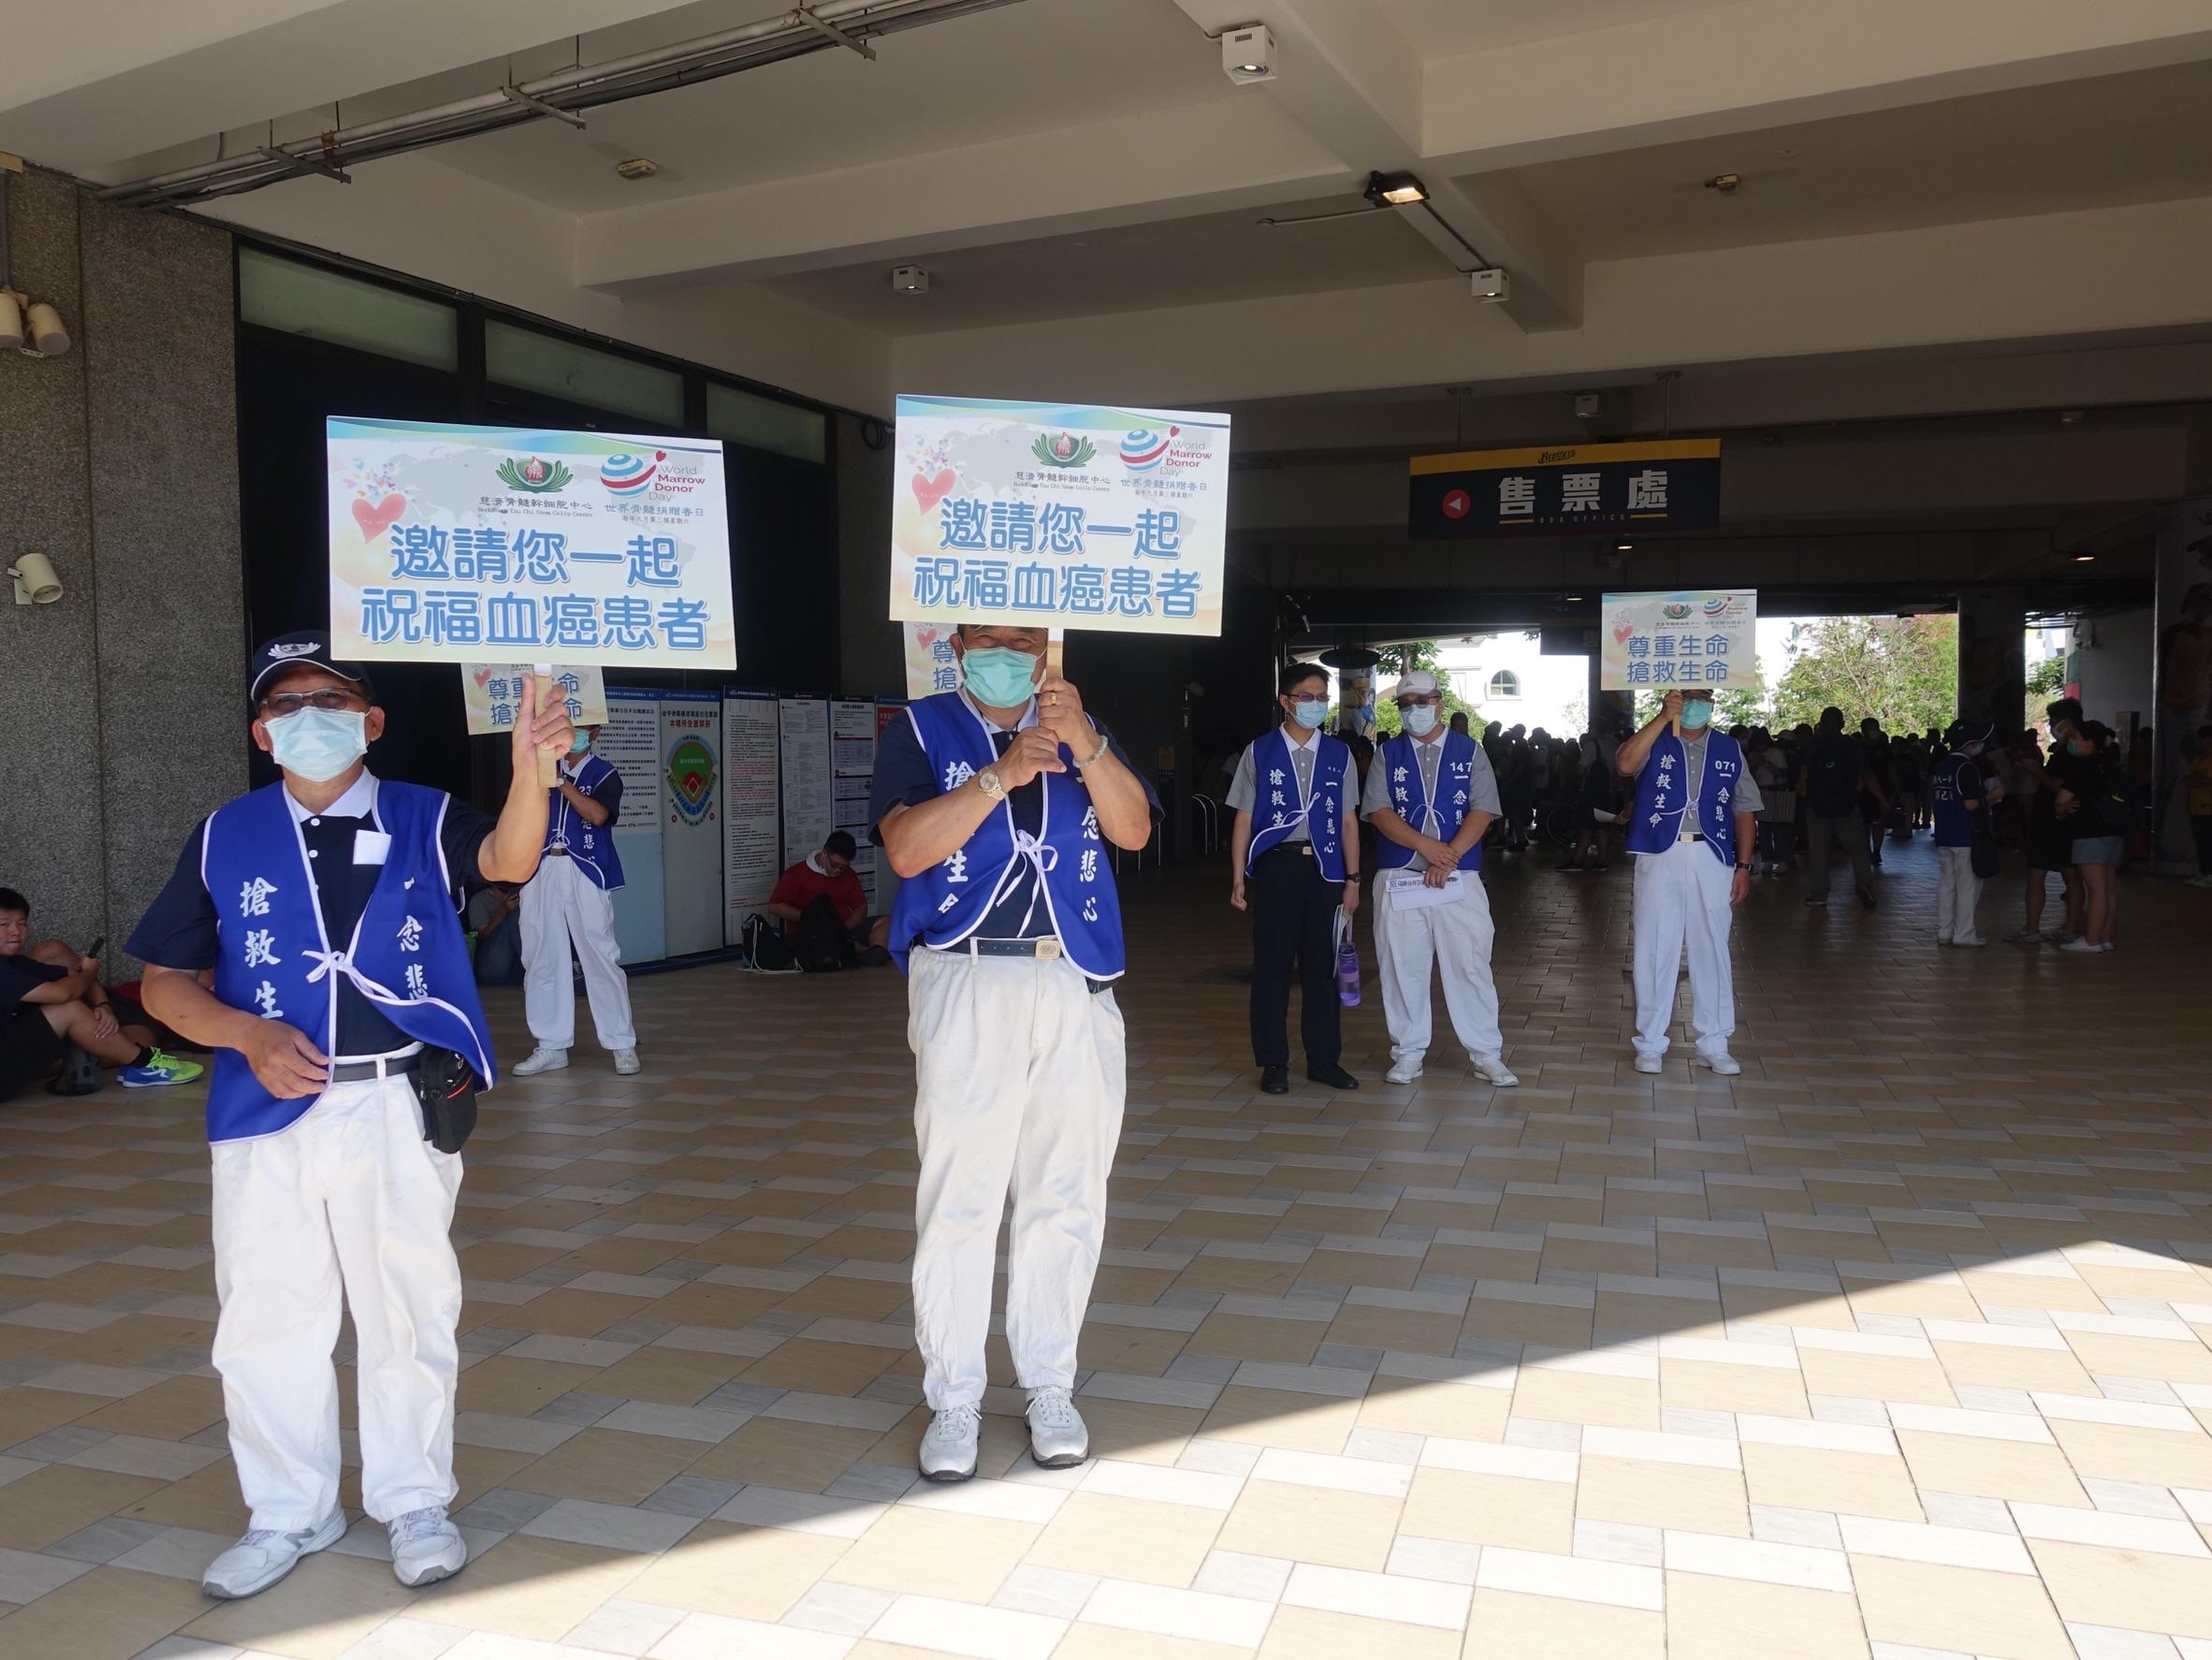 7月11日中職邀請慈濟在台中洲際棒球場推廣骨髓幹細胞建檔,傍晚立刻集滿100支。